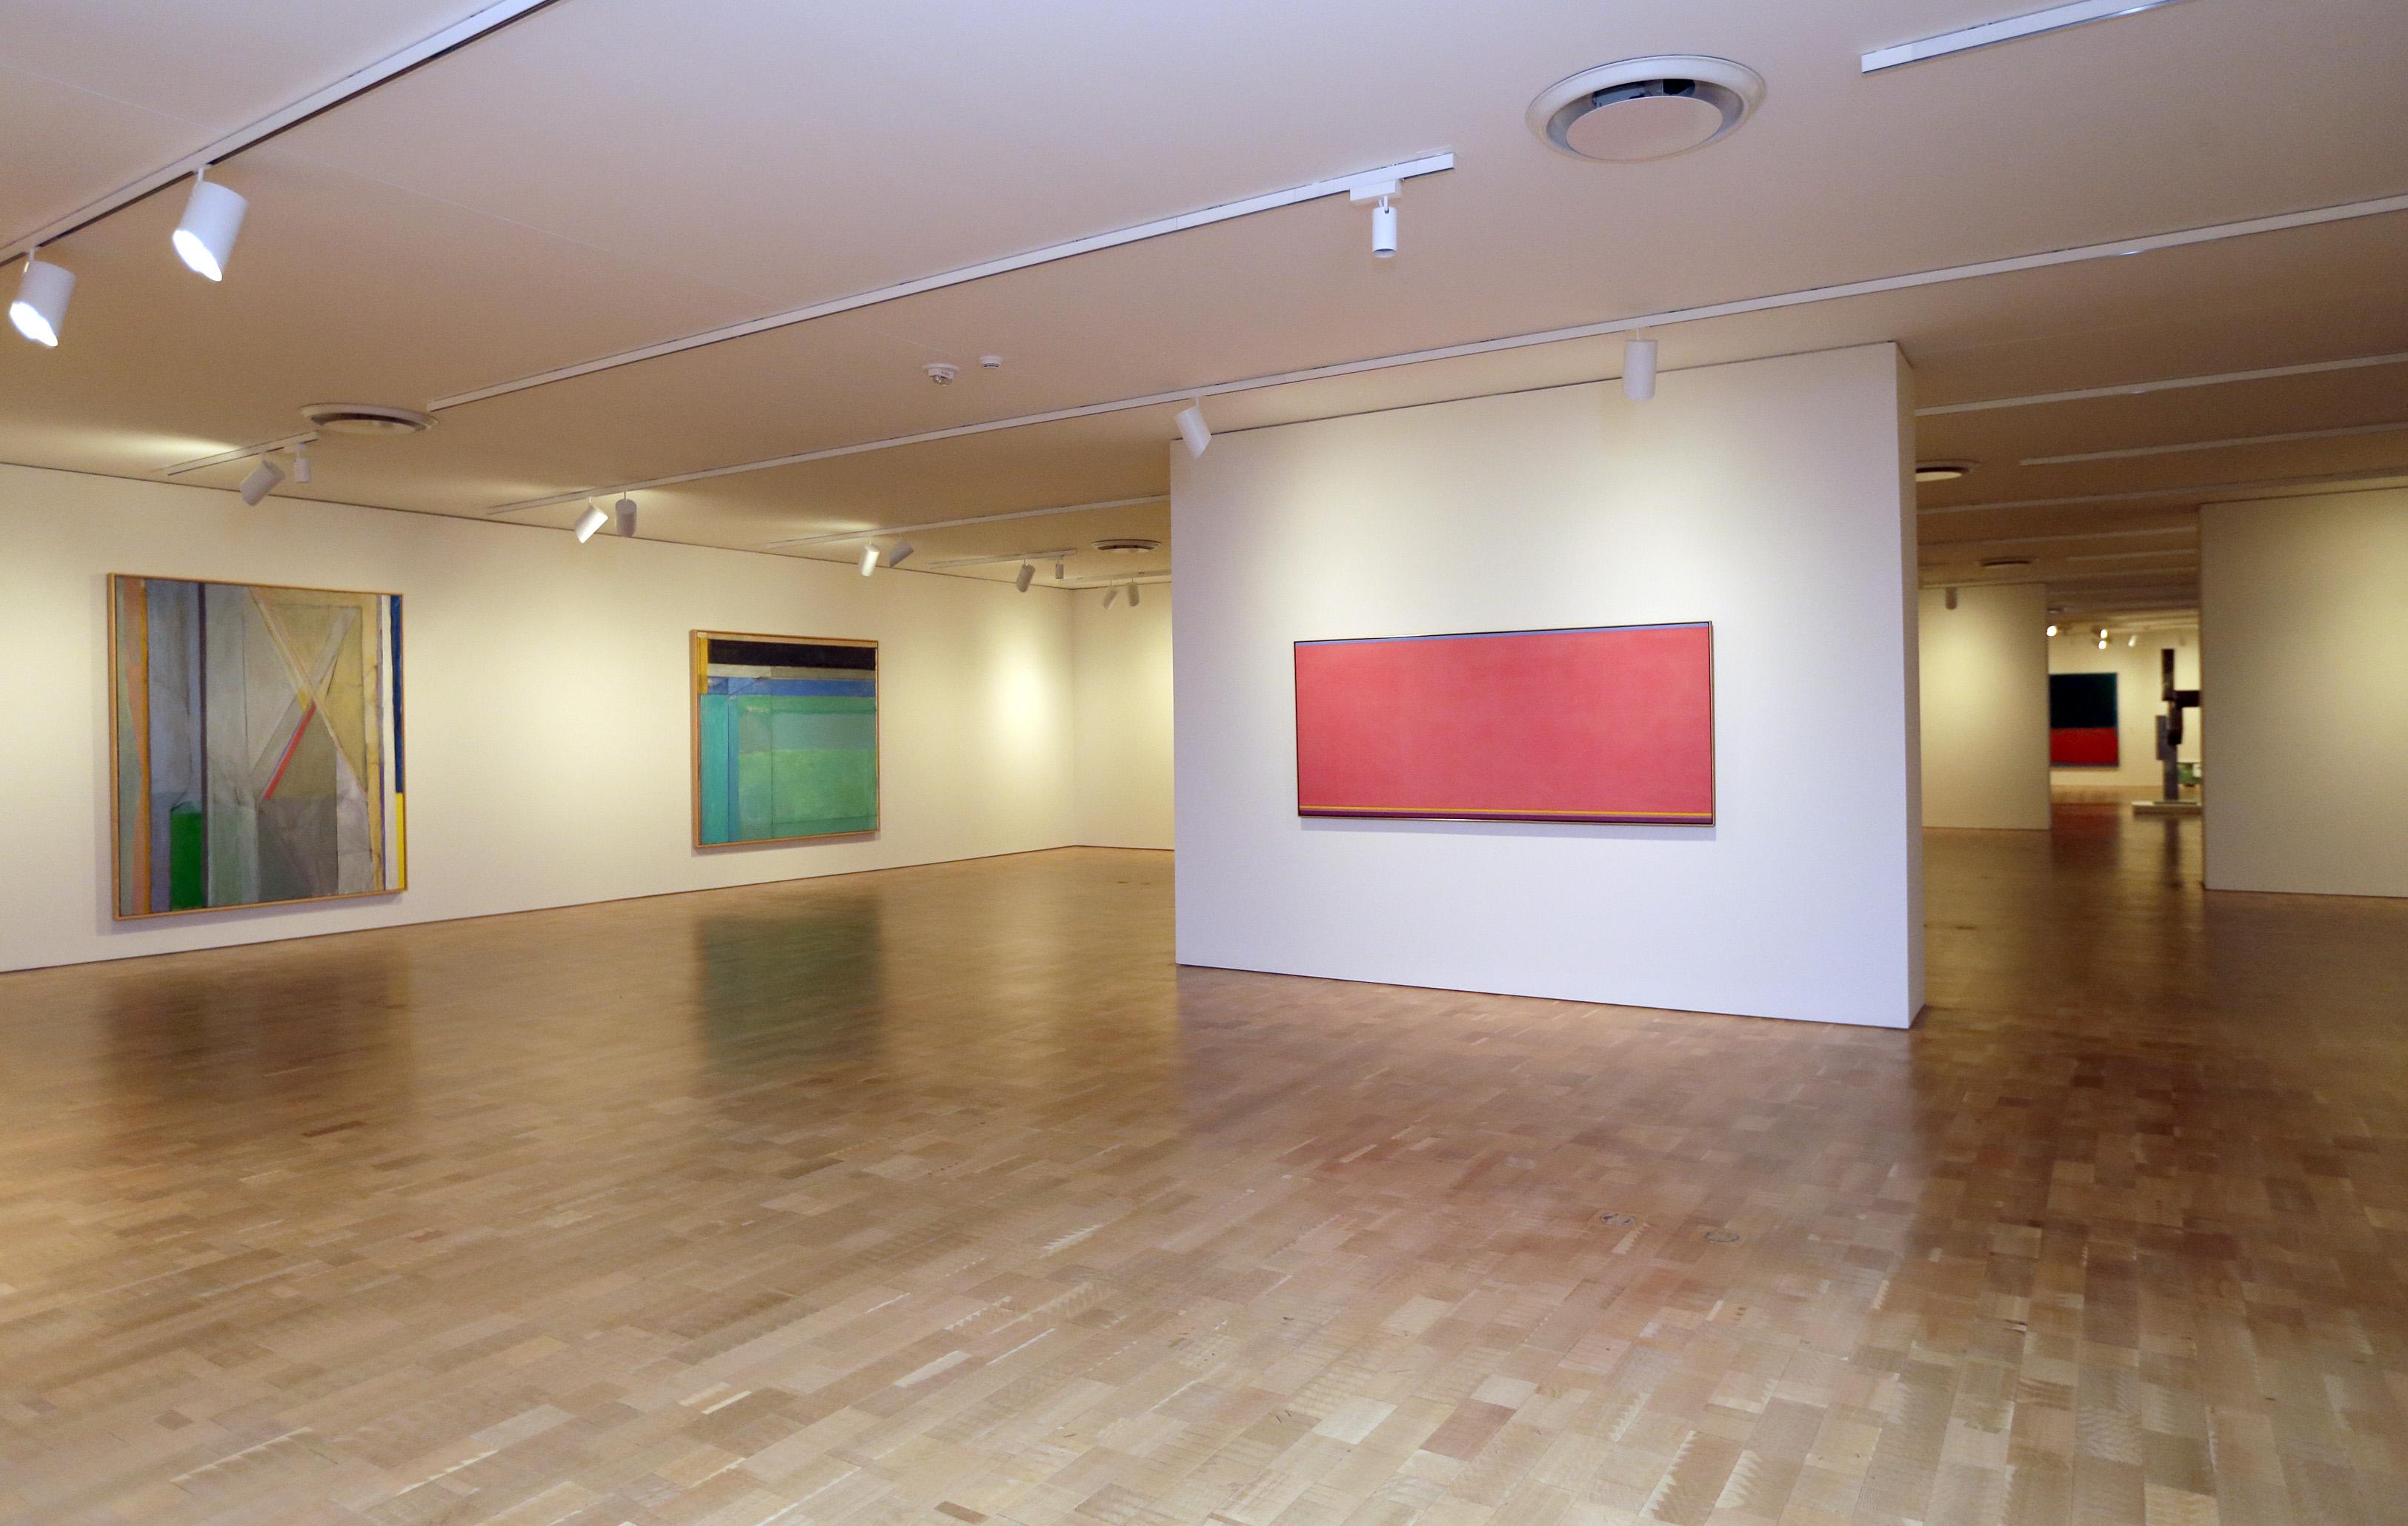 MJS artcity15-galleries_1714_De Sisti Sisti Desisti.JPG